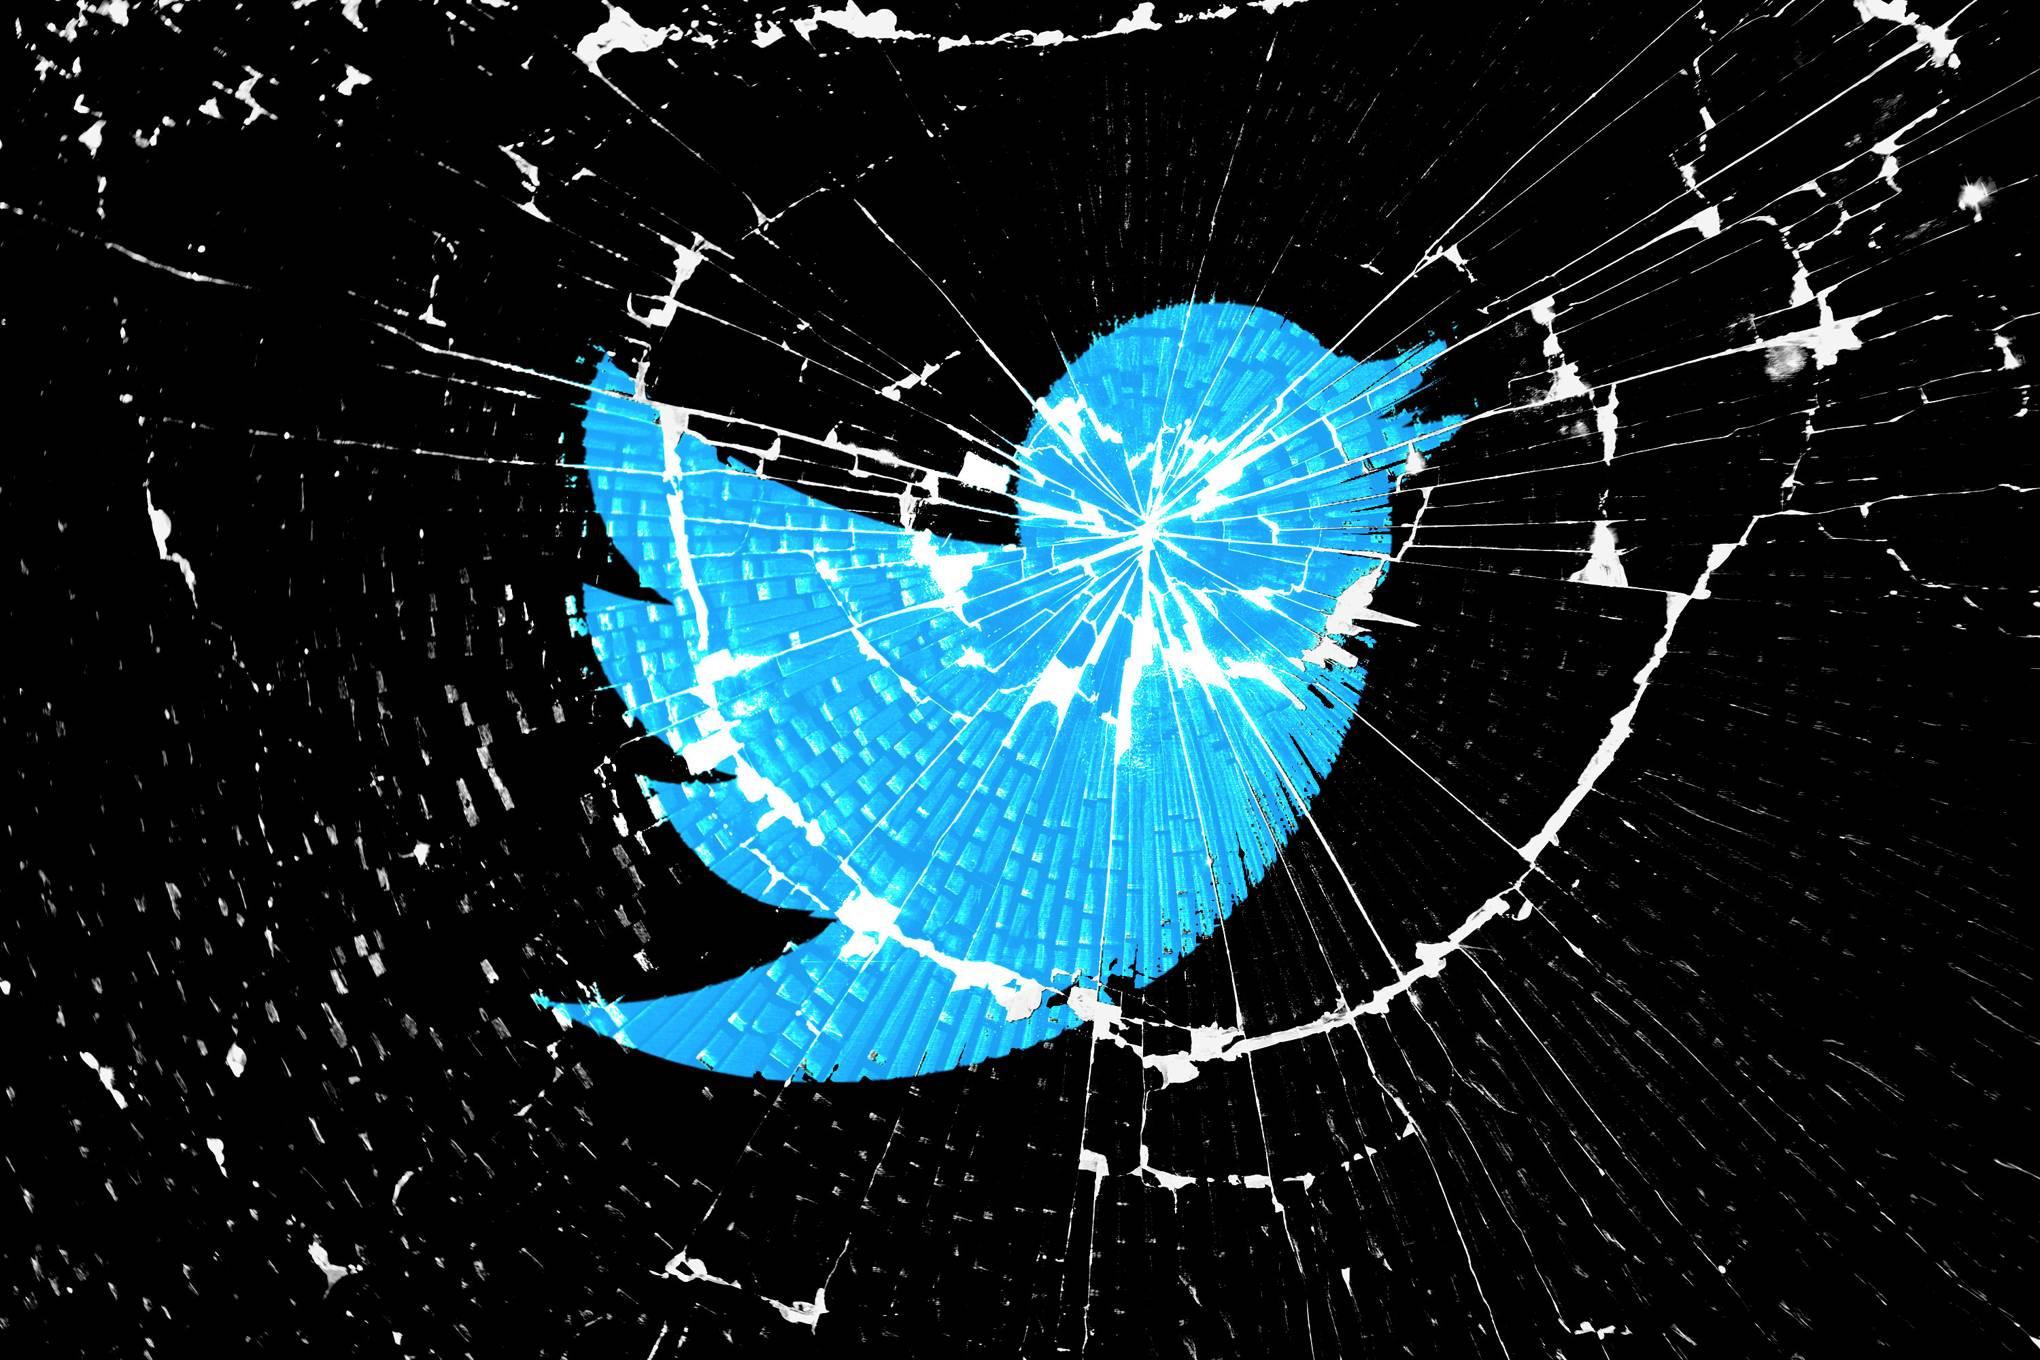 Twitter continuerà a bandire Trump, anche se dovesse venir rieletto